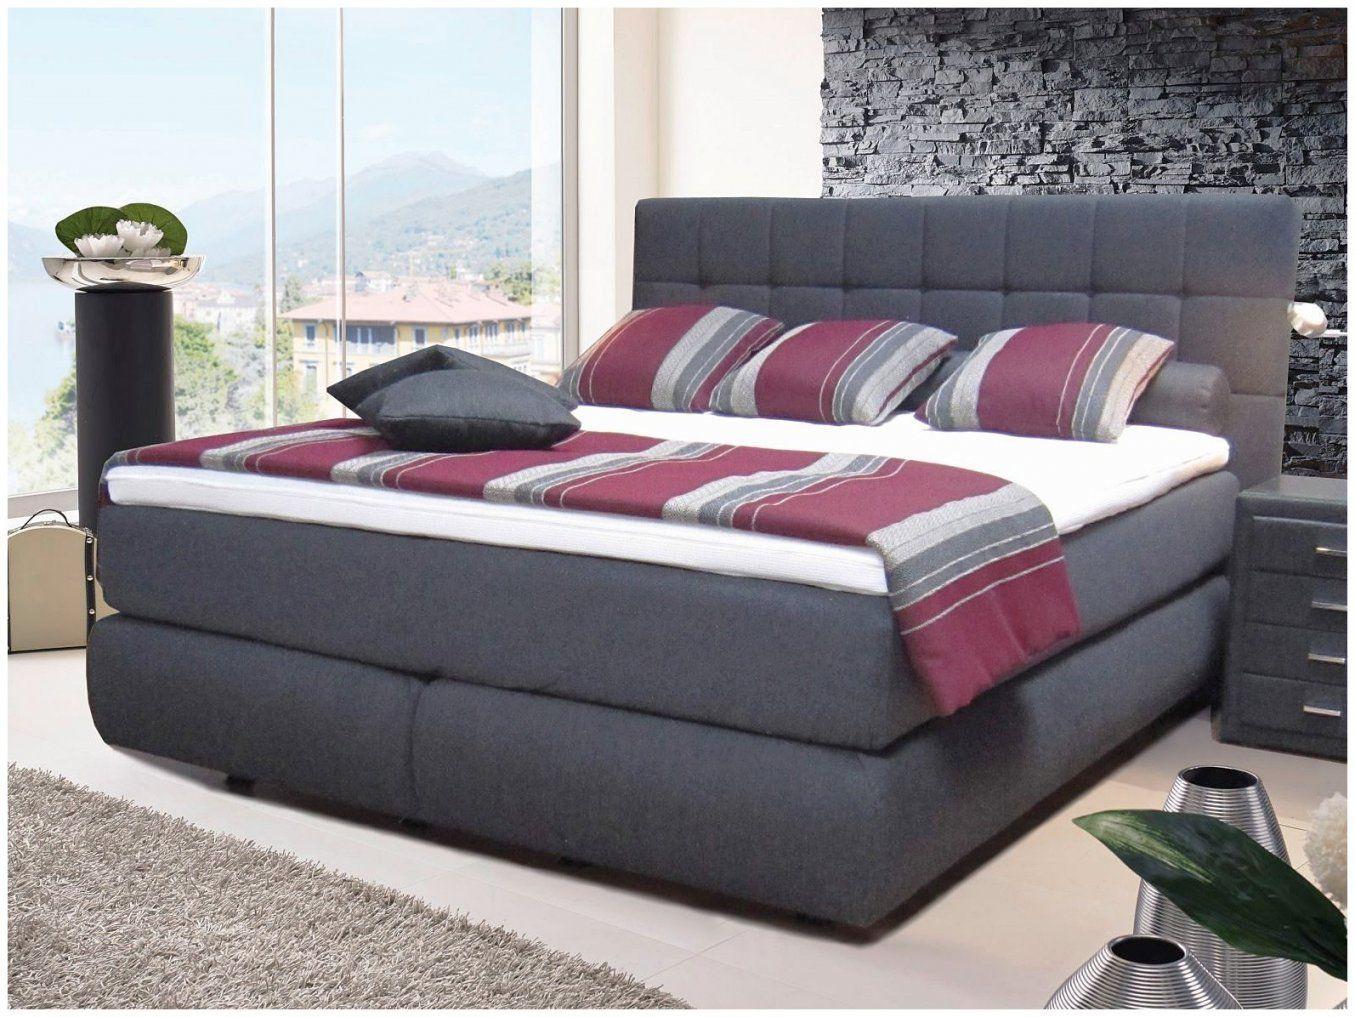 Genial Bugatti Betten Galerie Der Bett Idee 35203 Bett